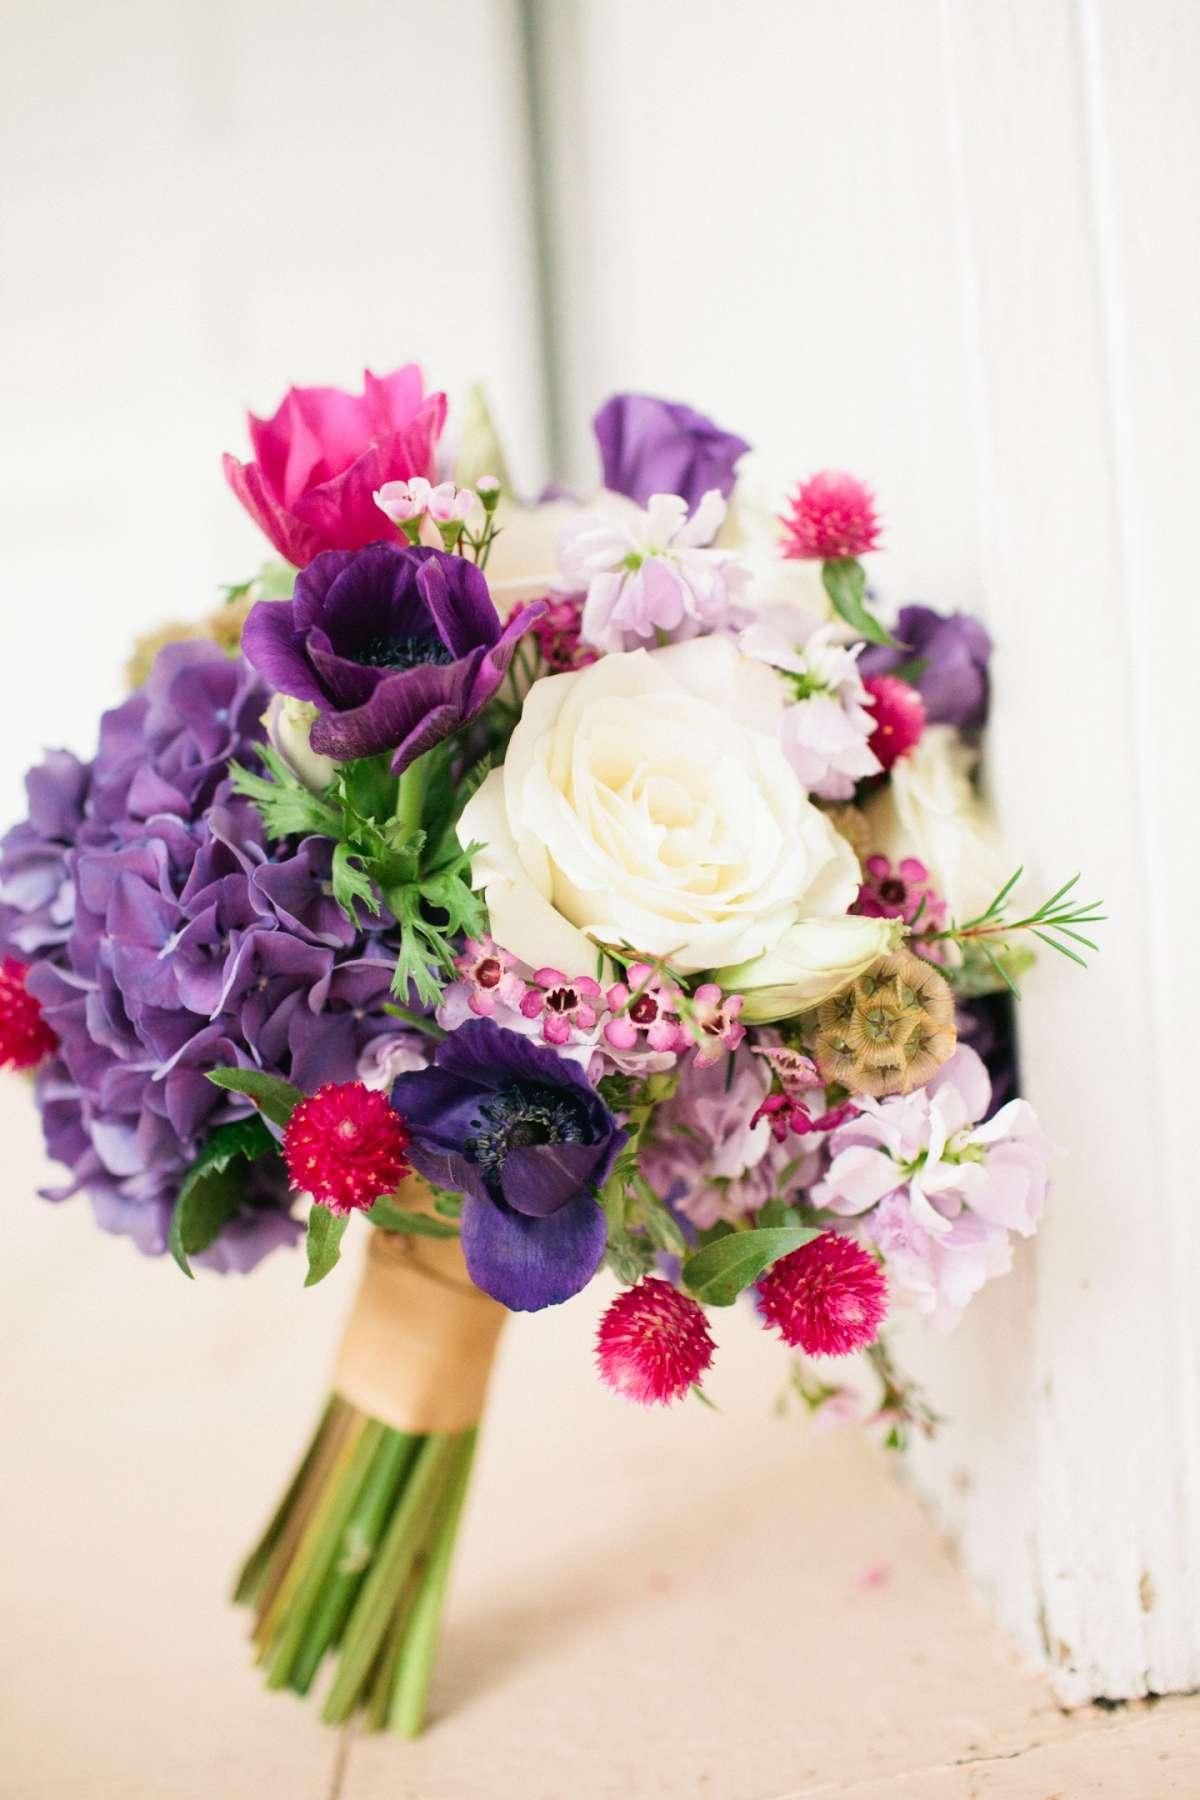 Bouquet sposa estivi, consigli per la scelta [FOTO]